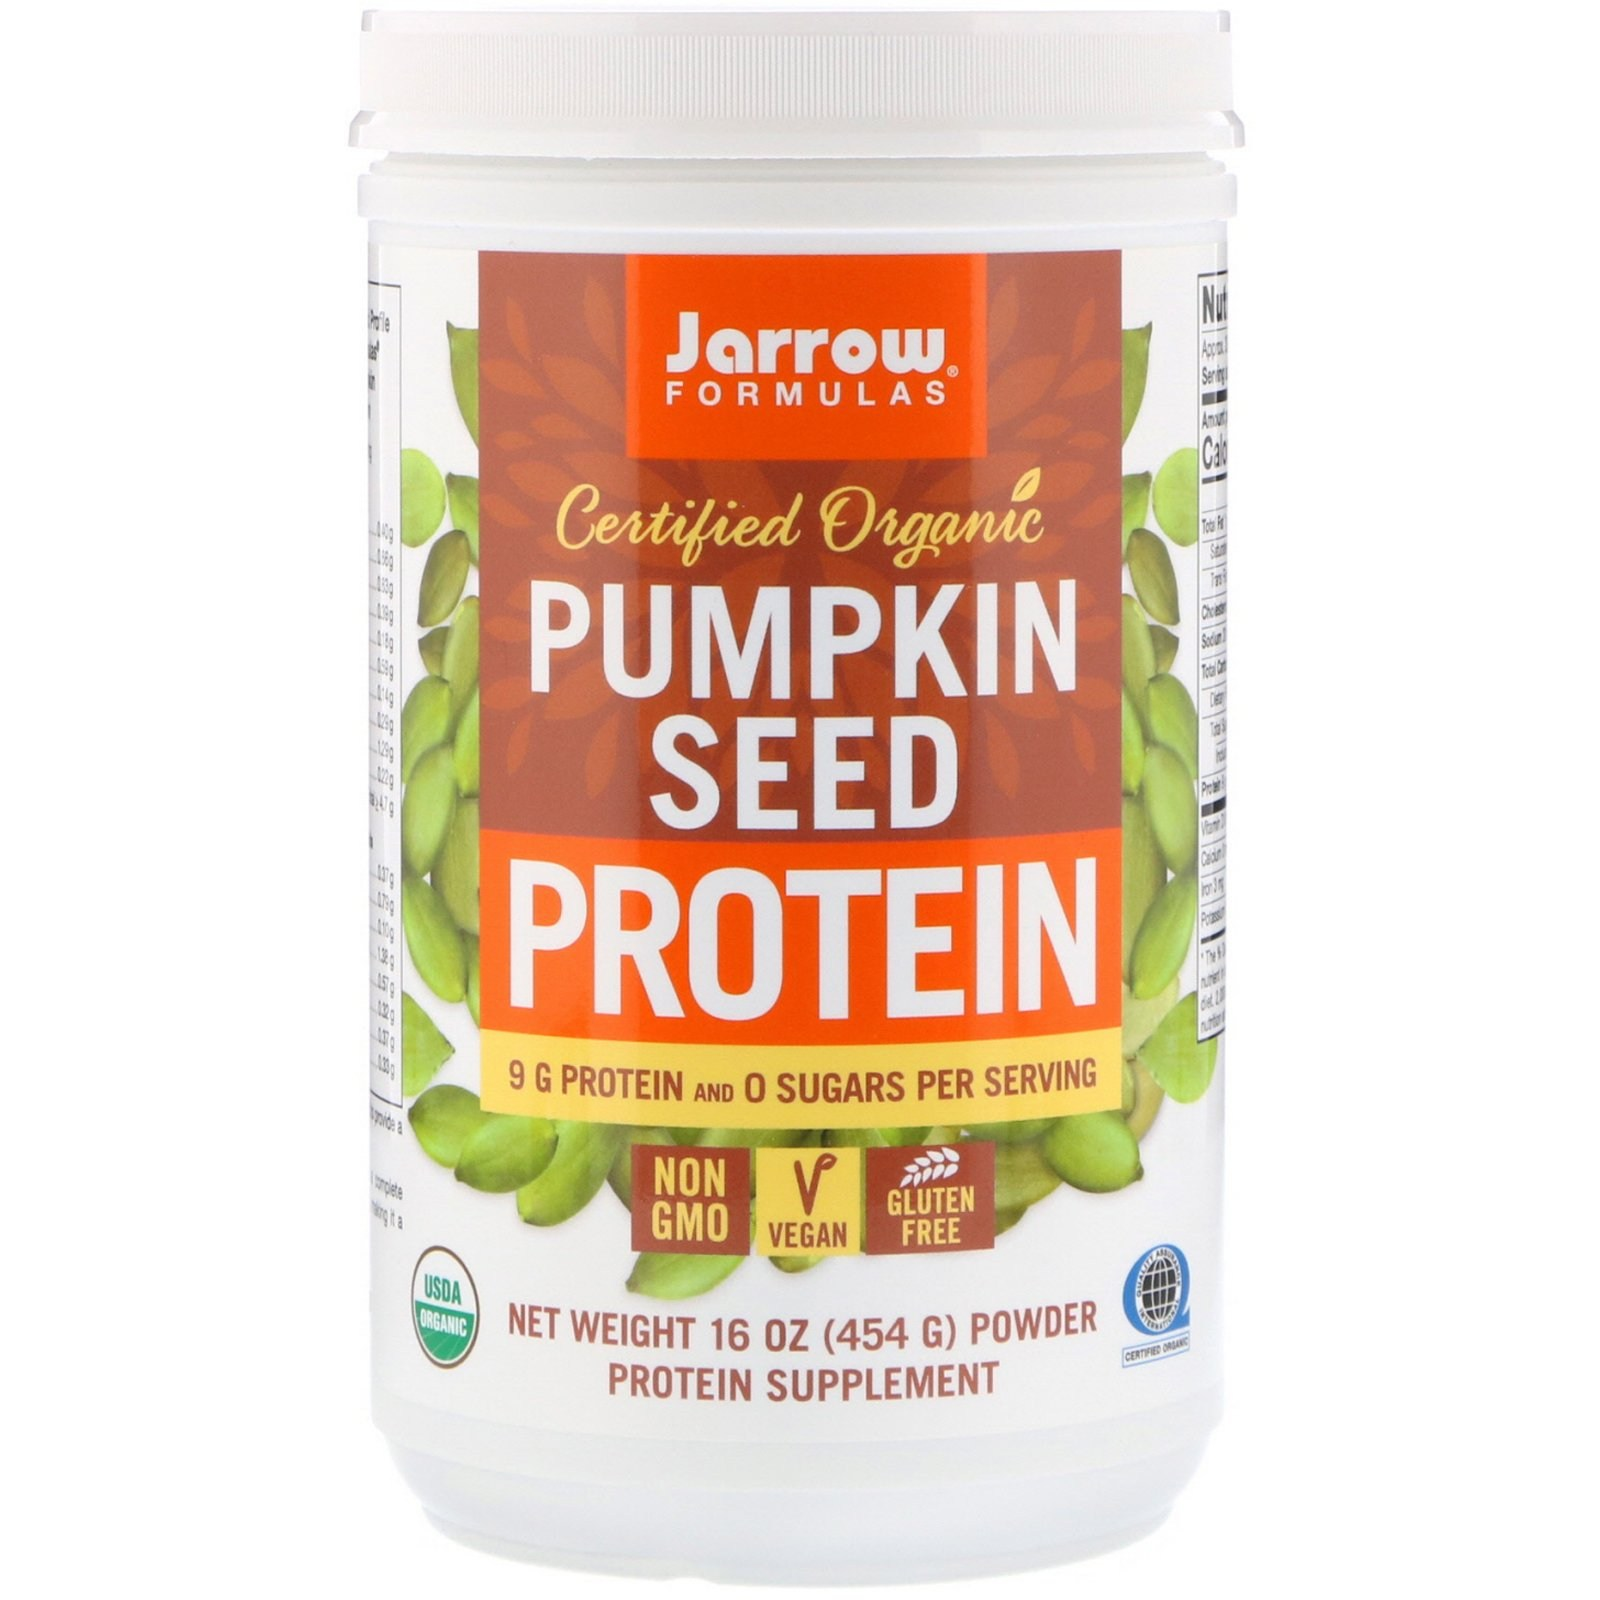 자로우포뮬라 인증 유기농 호박씨 프로틴 454g16oz 식물성 단백질, 1개, -